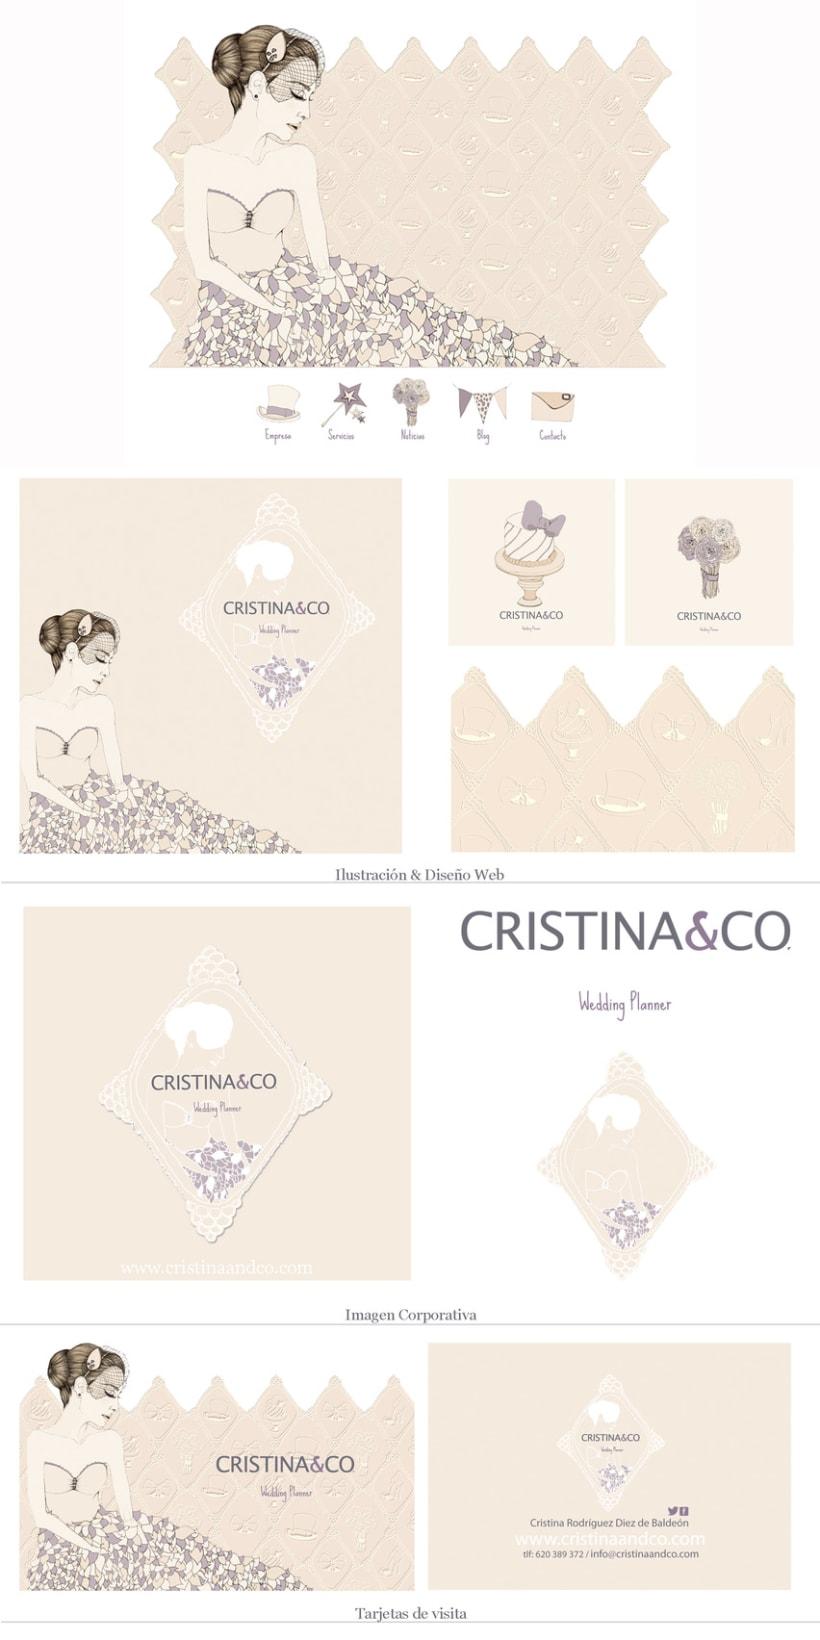 CRISTINA&CO. 1